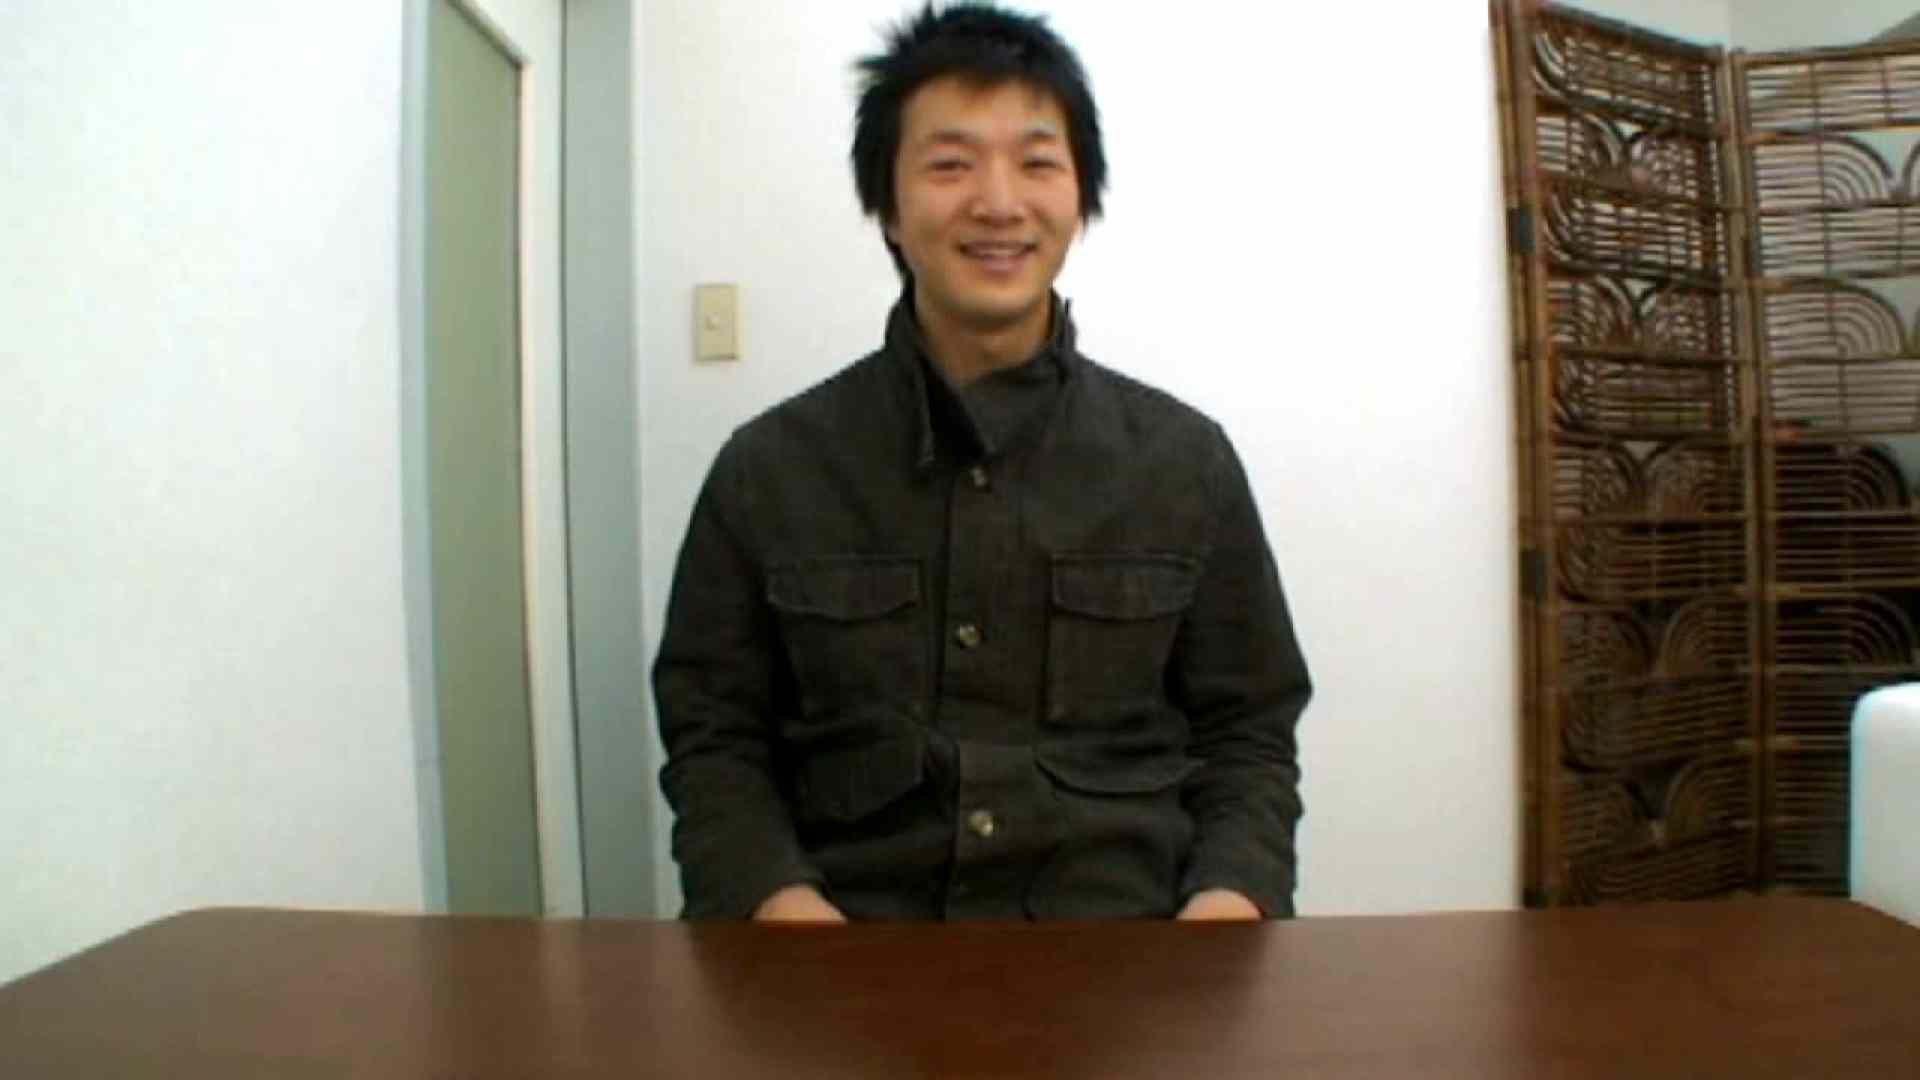 ノンケ!自慰スタジオ No.16 ノンケ一筋 | 射精天国 ゲイアダルト画像 60pic 1